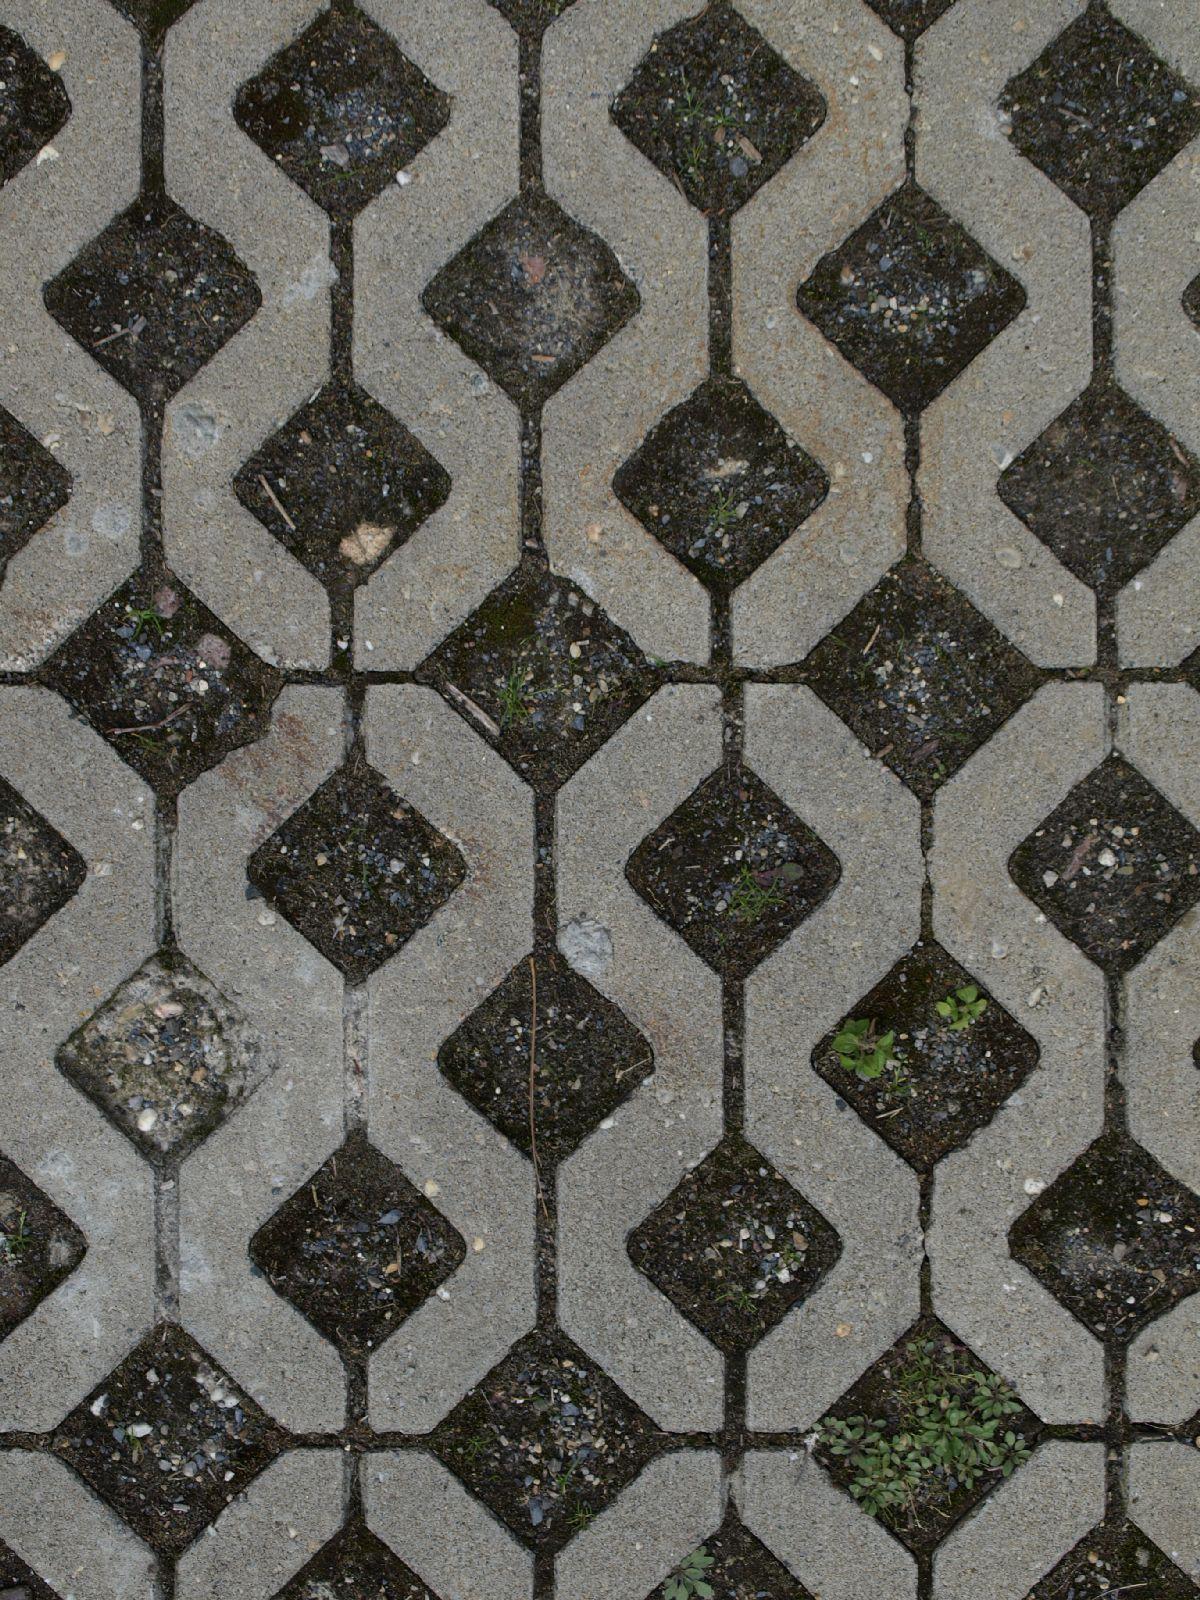 Ground-Urban_Texture_A_P9205307